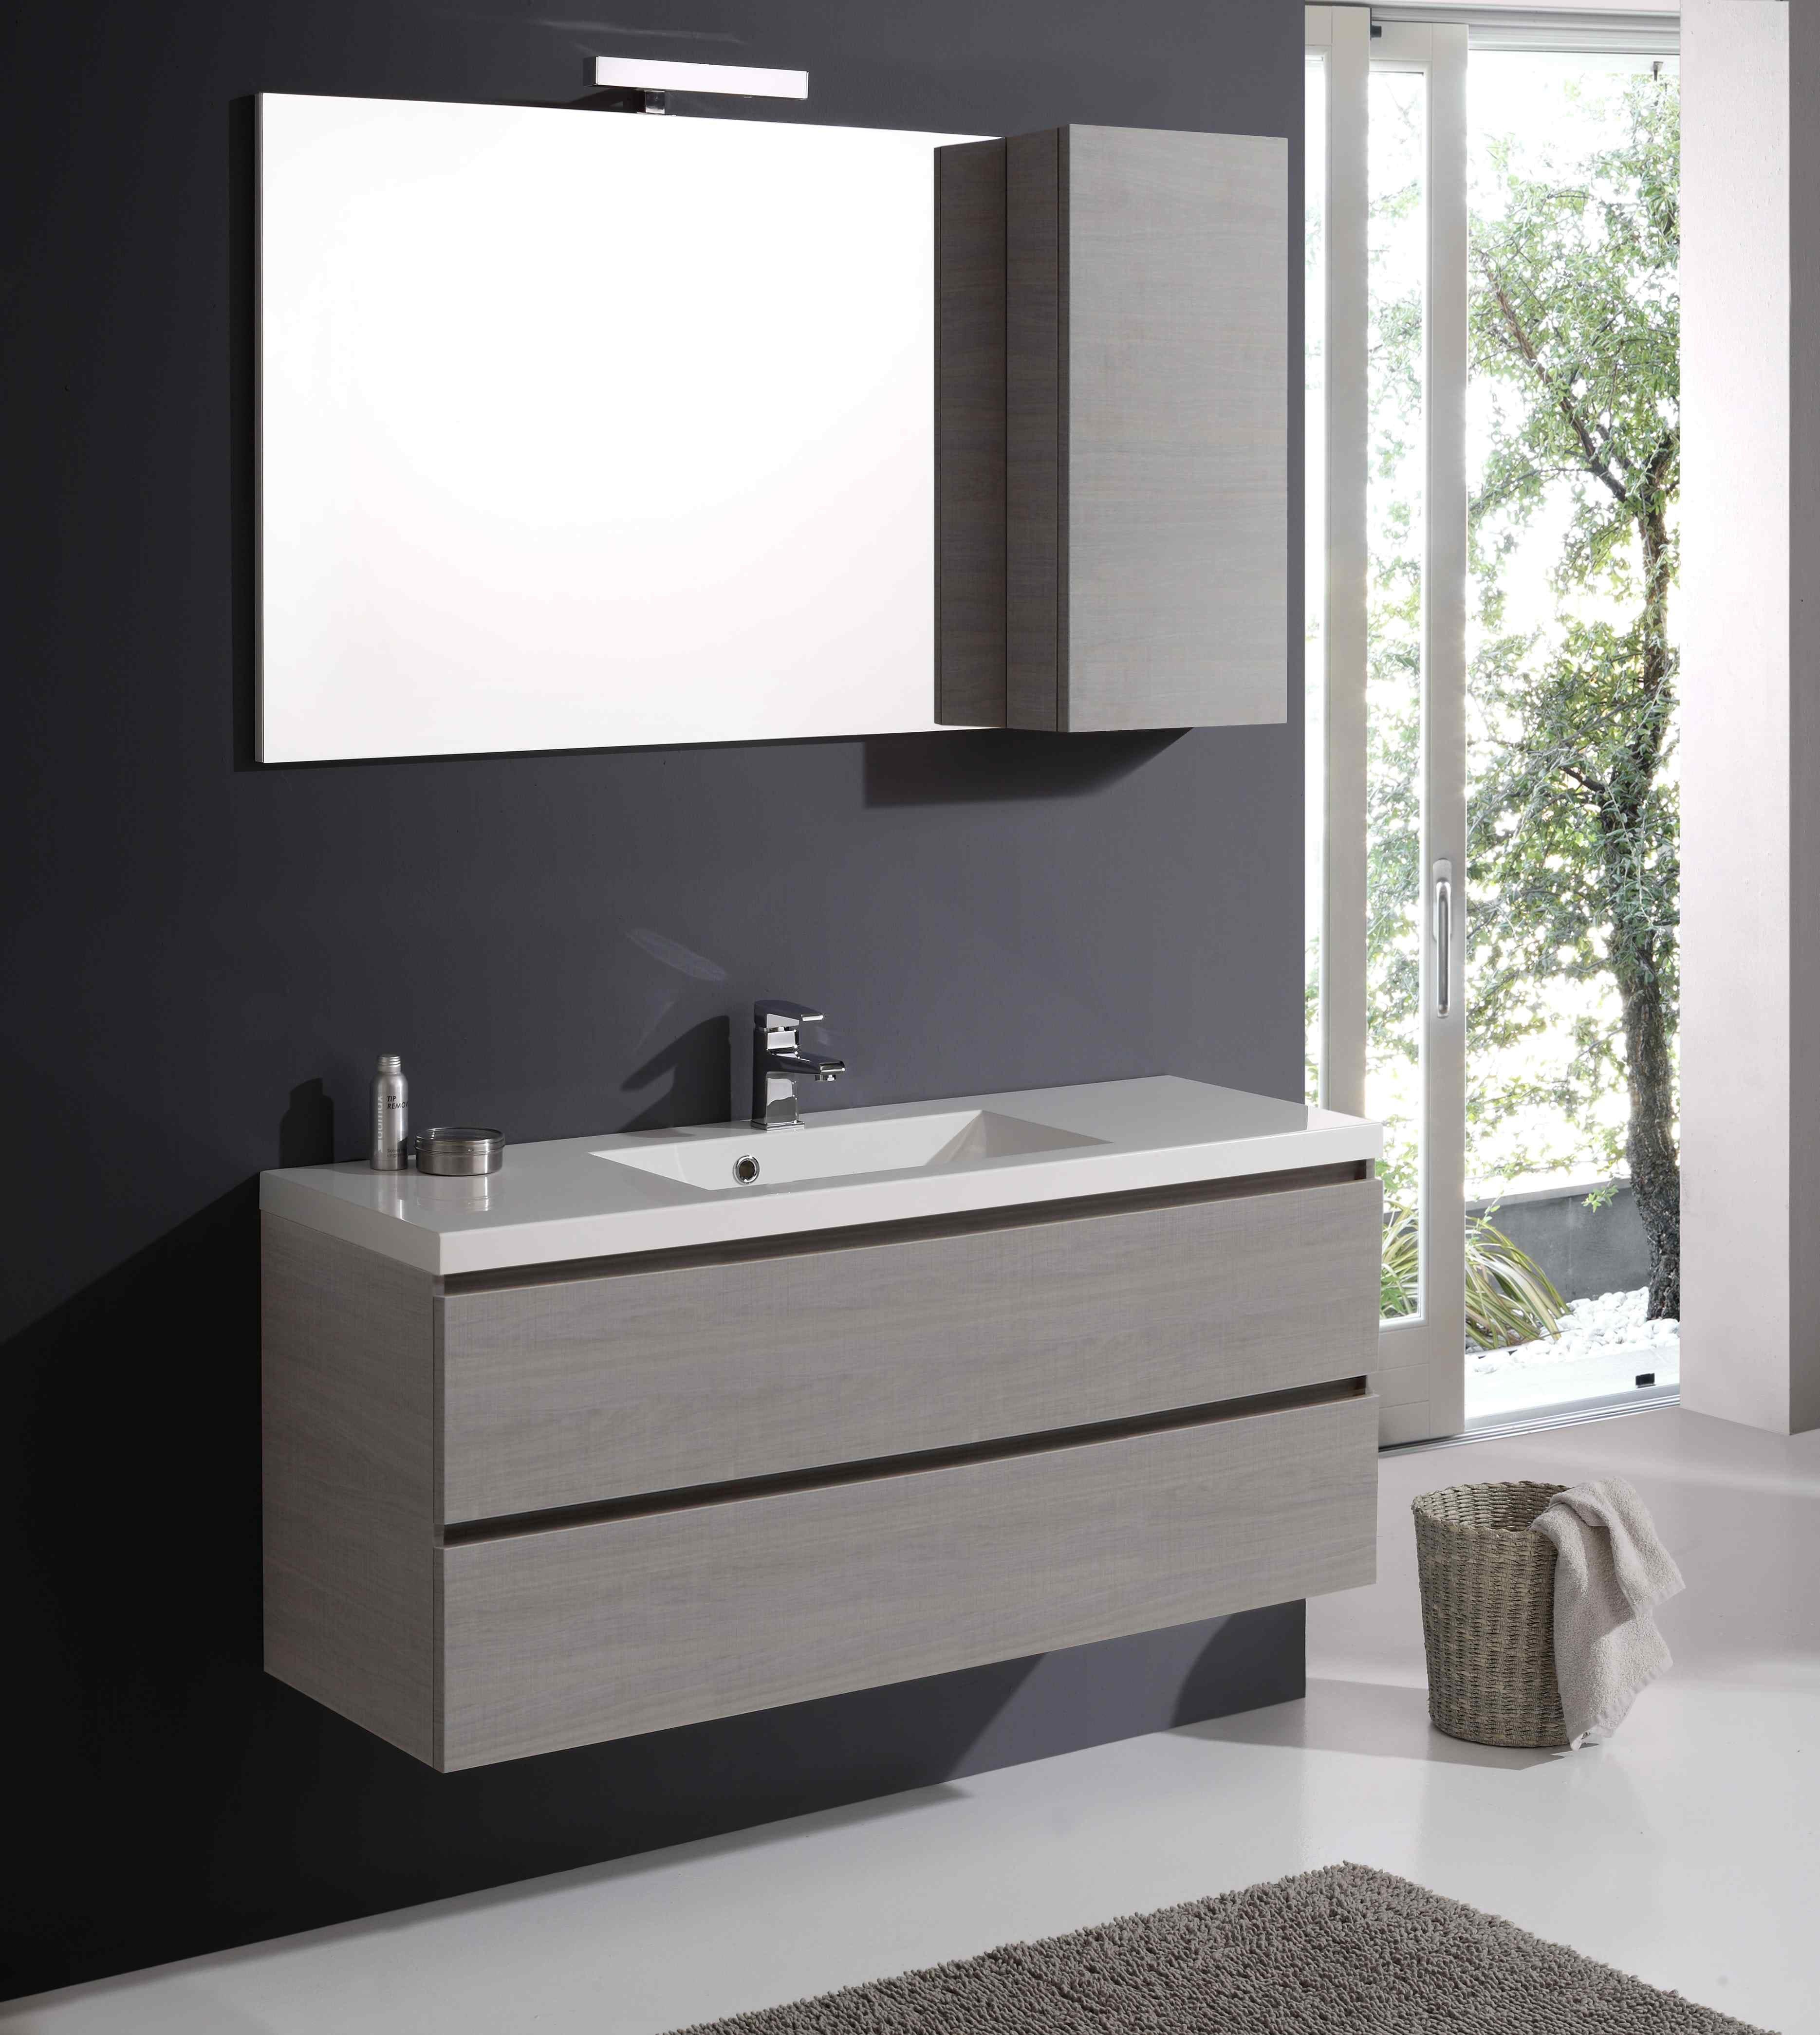 Mobile per bagno con larghezza 120 cm completo di specchio pensile e lampada ebay - Mobile specchio bagno ikea ...